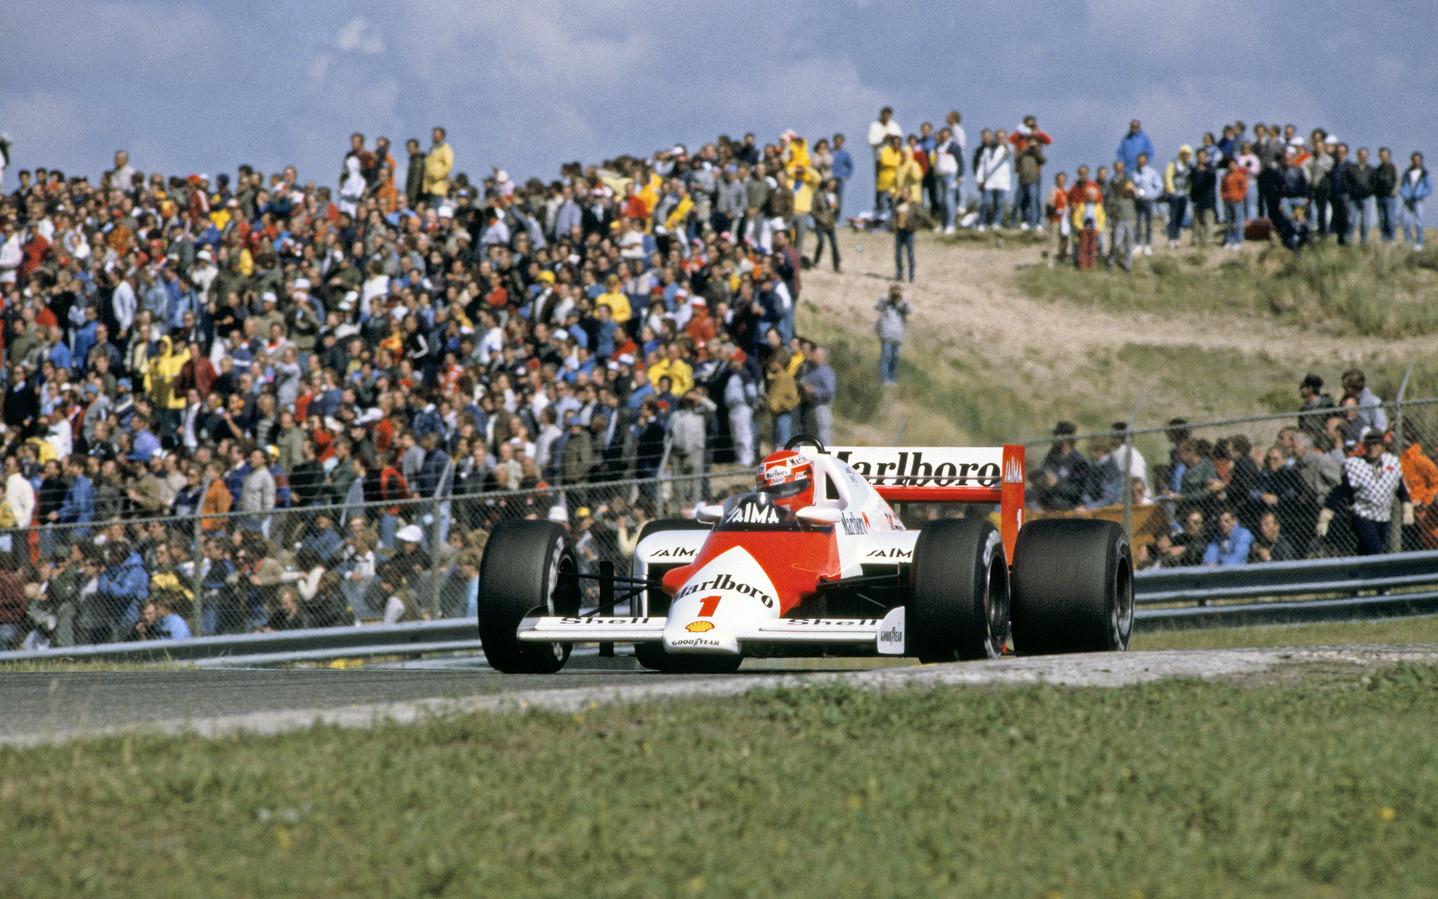 Niki Lauda in actie met zijn Marlboro Mc Laren International tijdens zijn gewonnen race in Zandvoort in 1985.